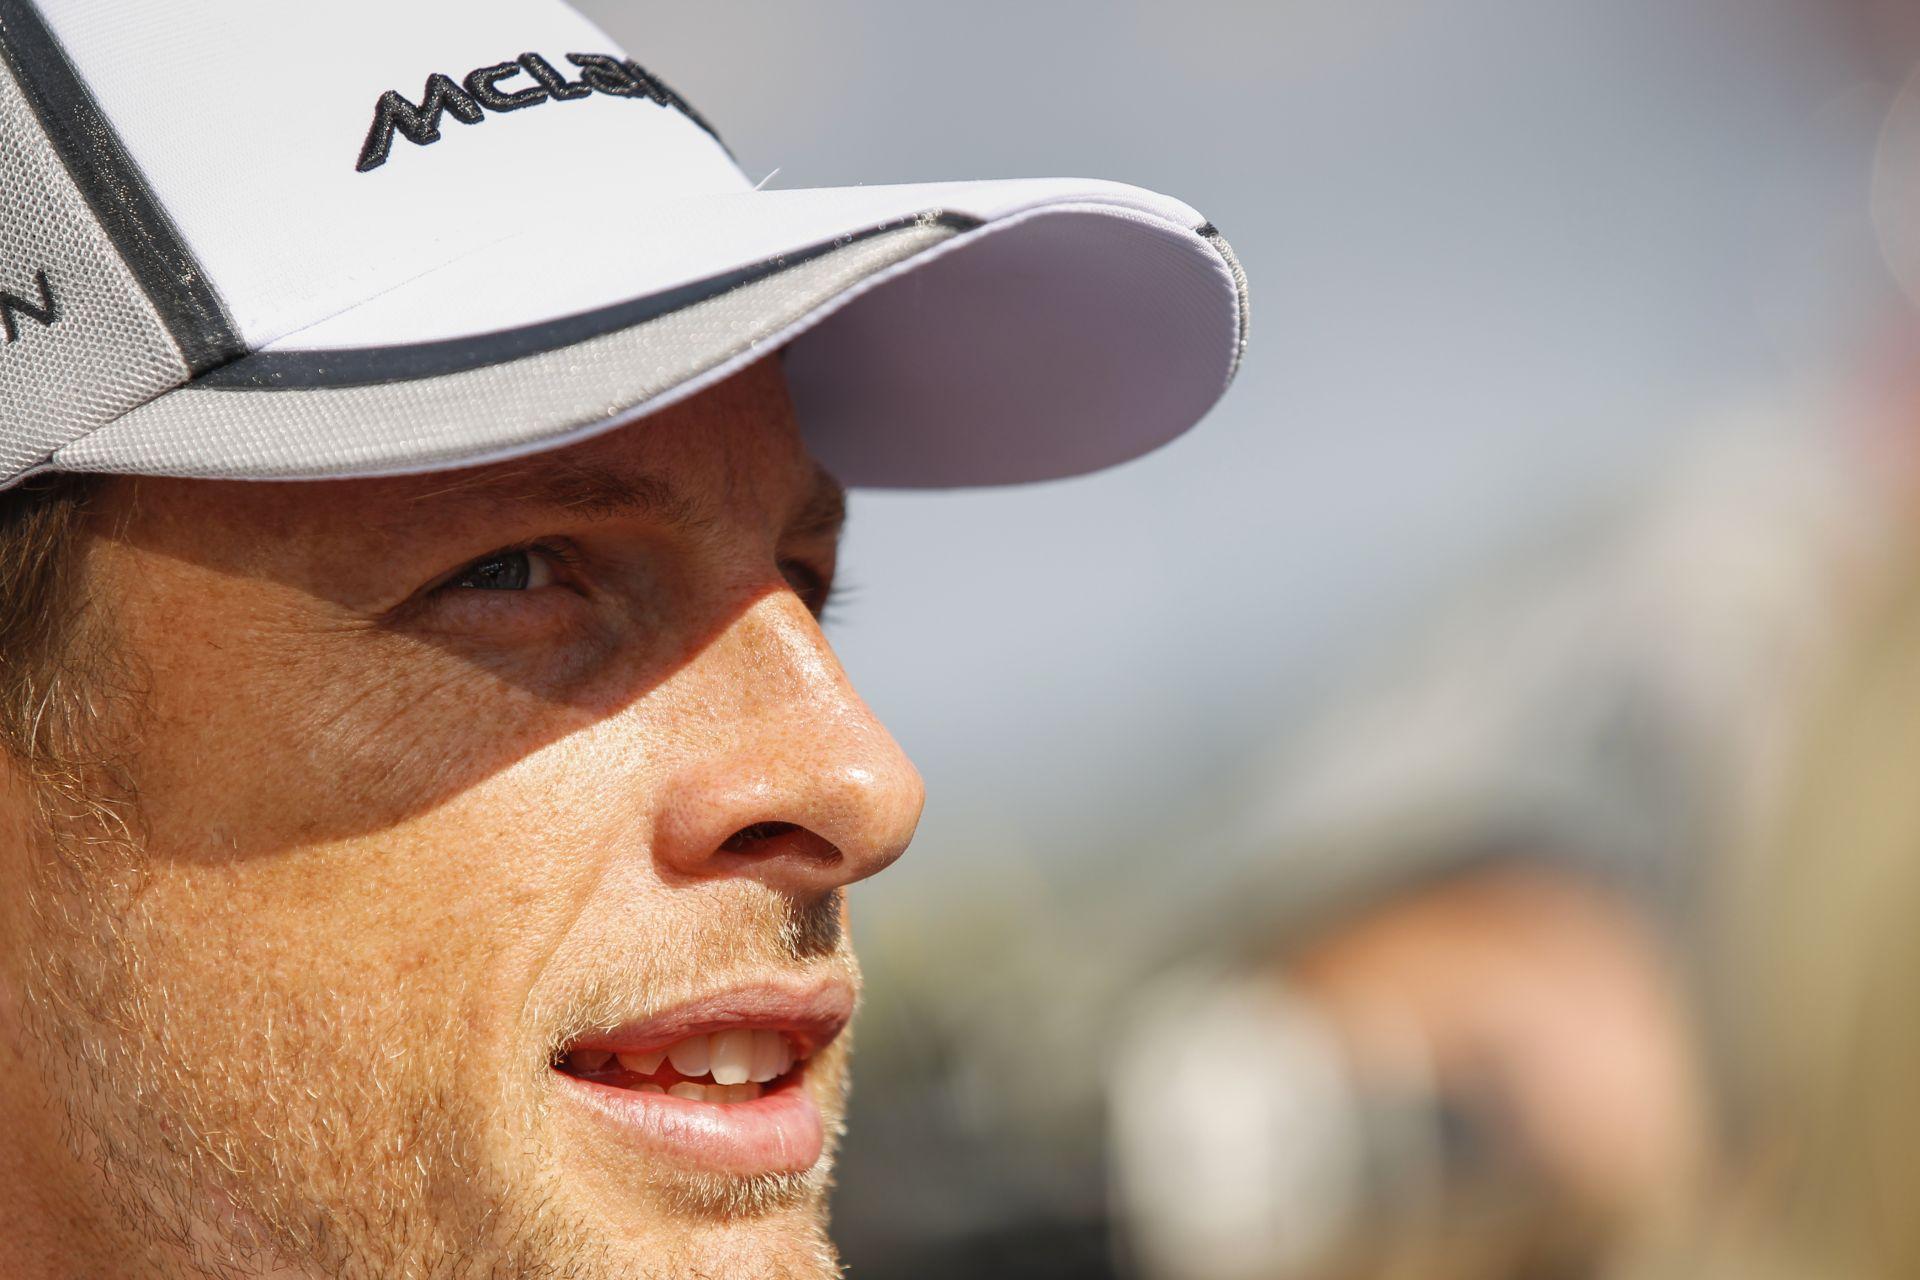 Button: Négy versennyel korábban megbüntették volna Rosberget